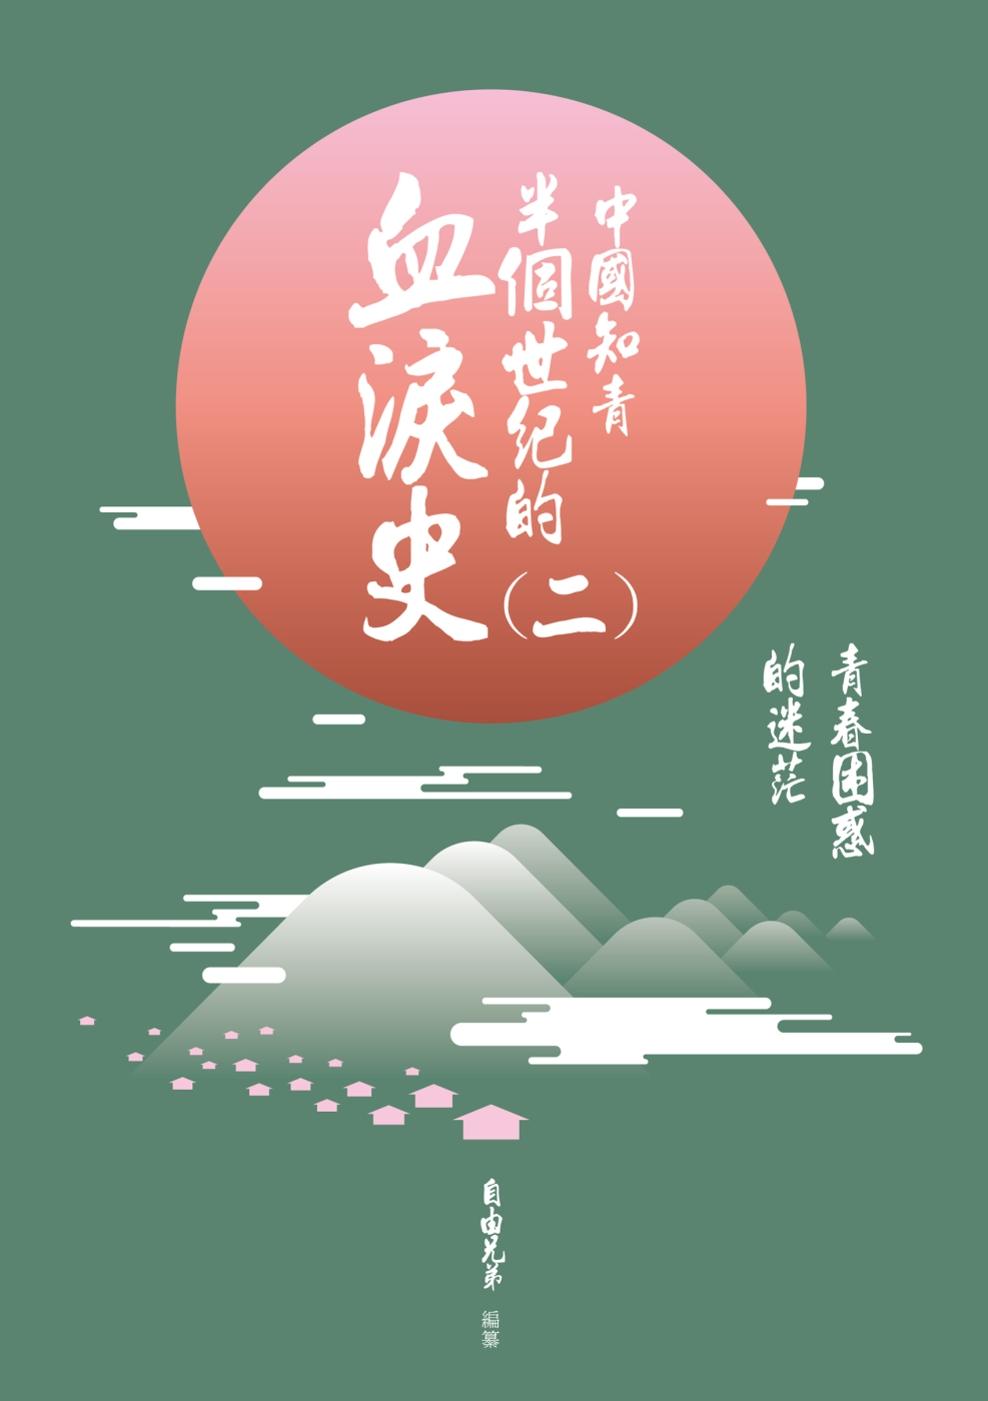 中國知青半個世紀的血淚史(二):青春困惑的迷茫